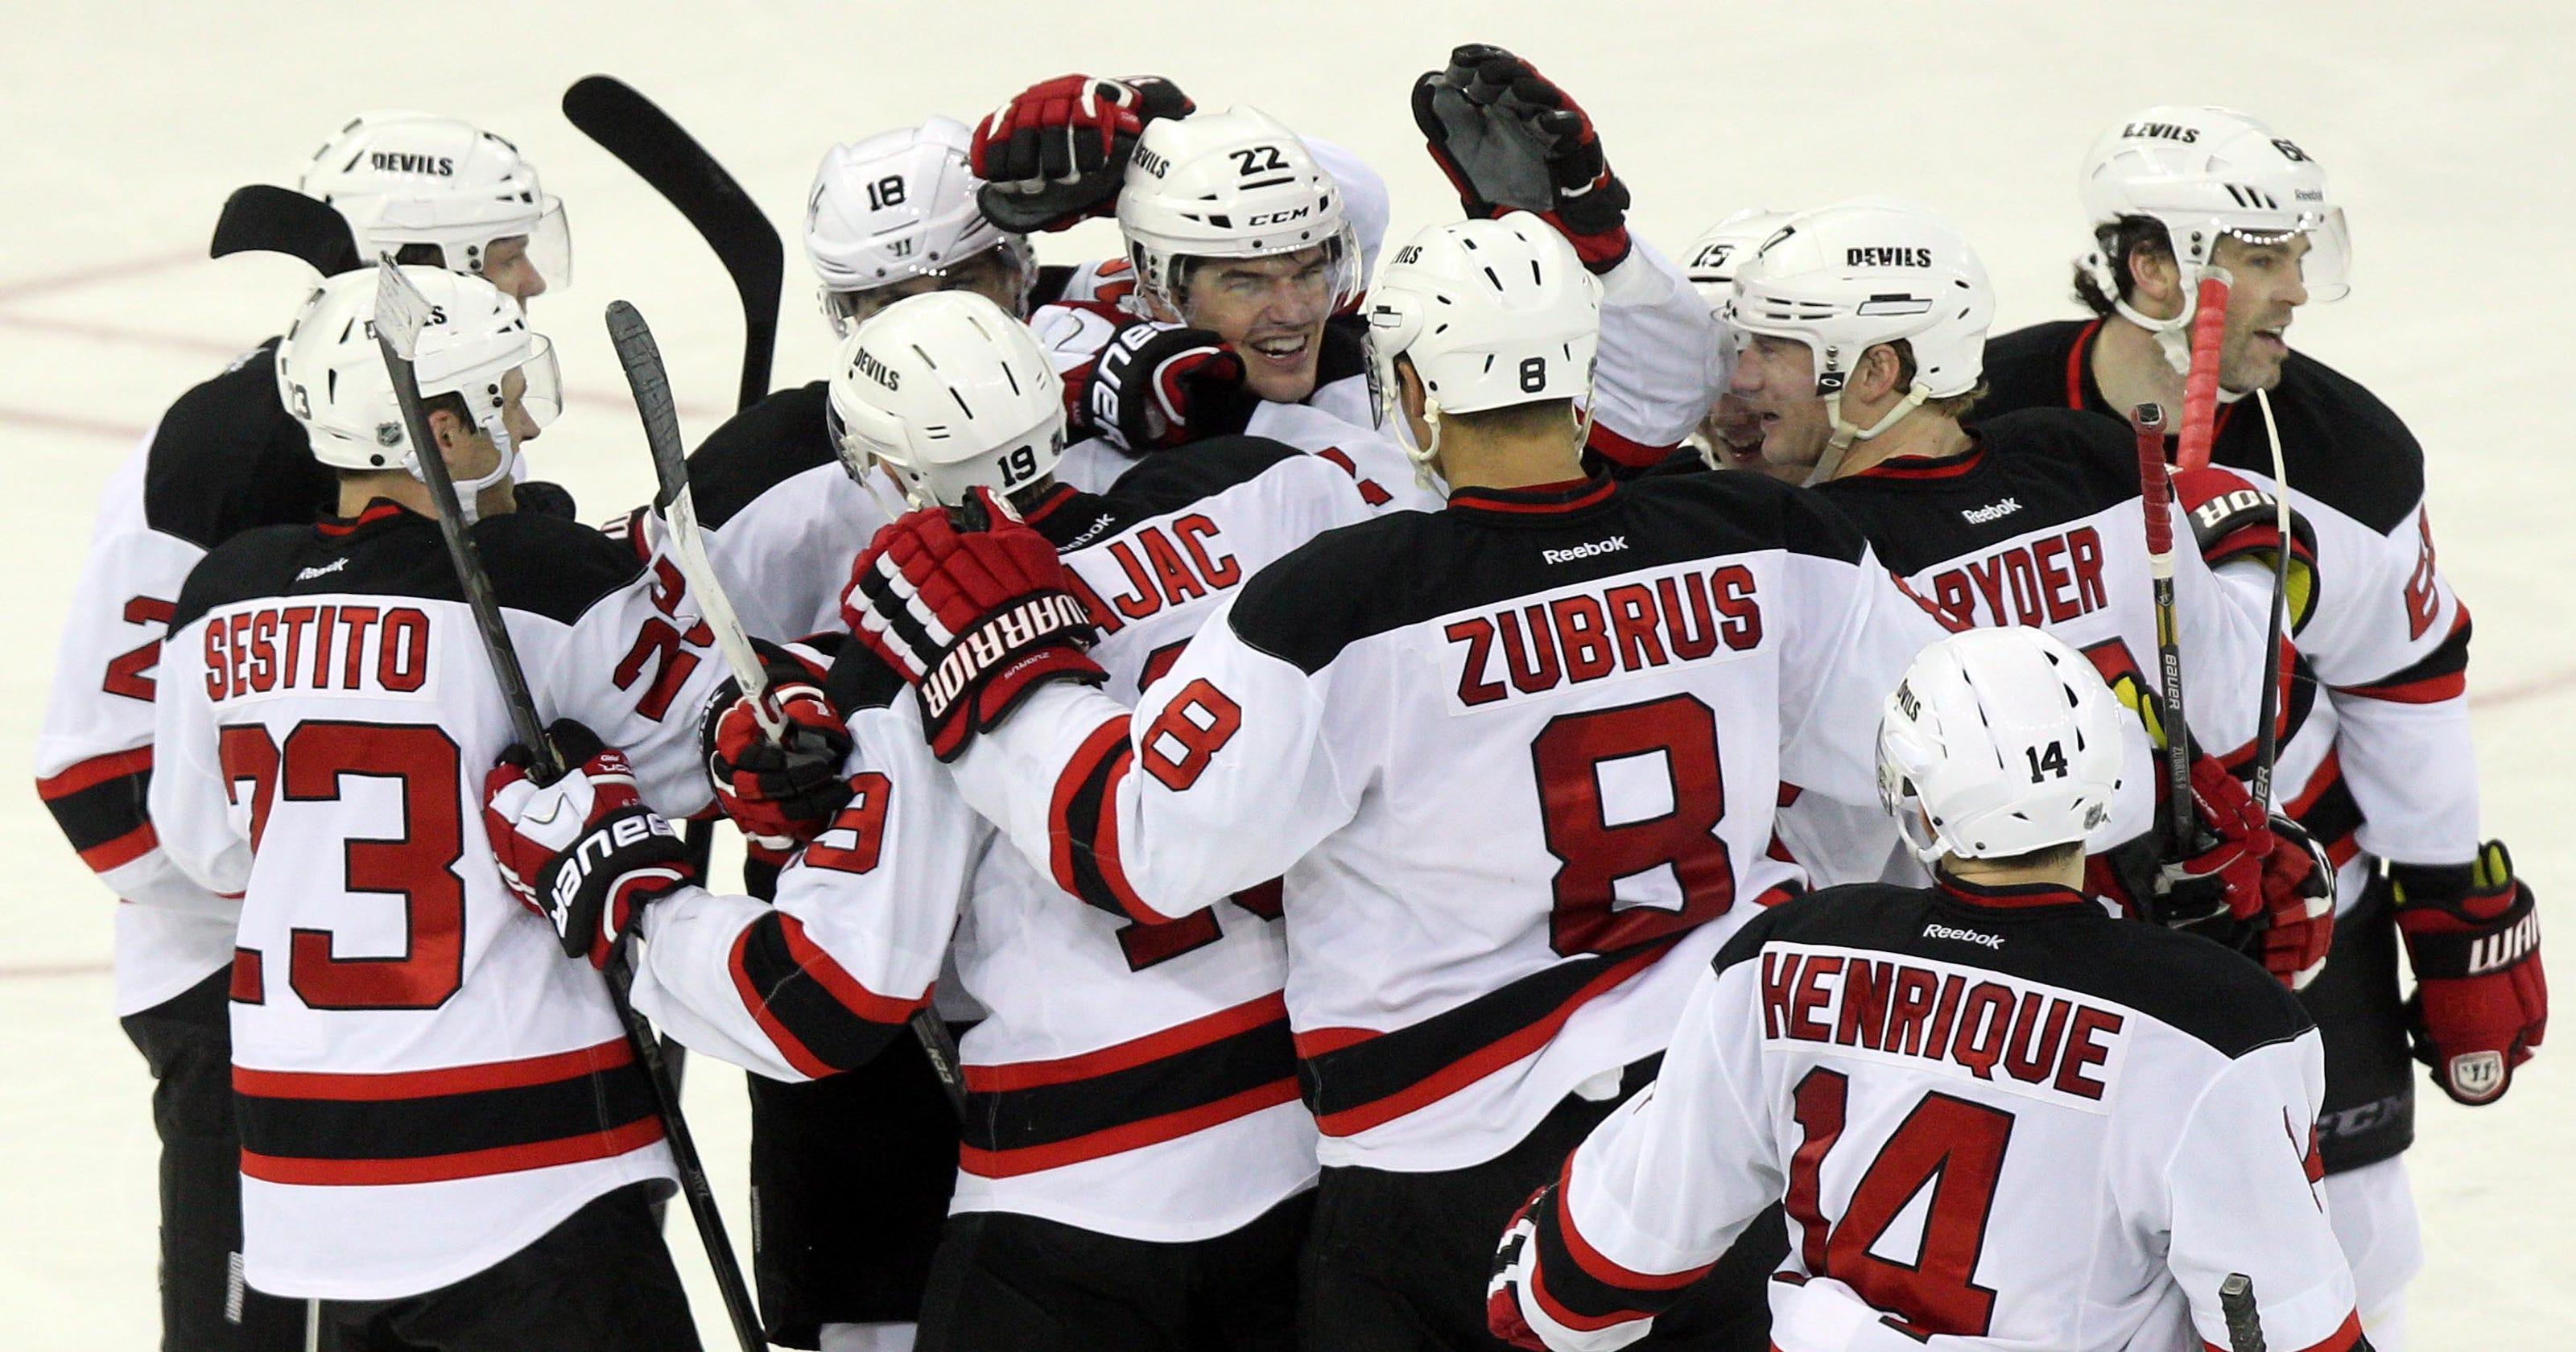 timeless design 952b4 6b547 Eric Gelinas' overtime goal pushes Devils past Rangers